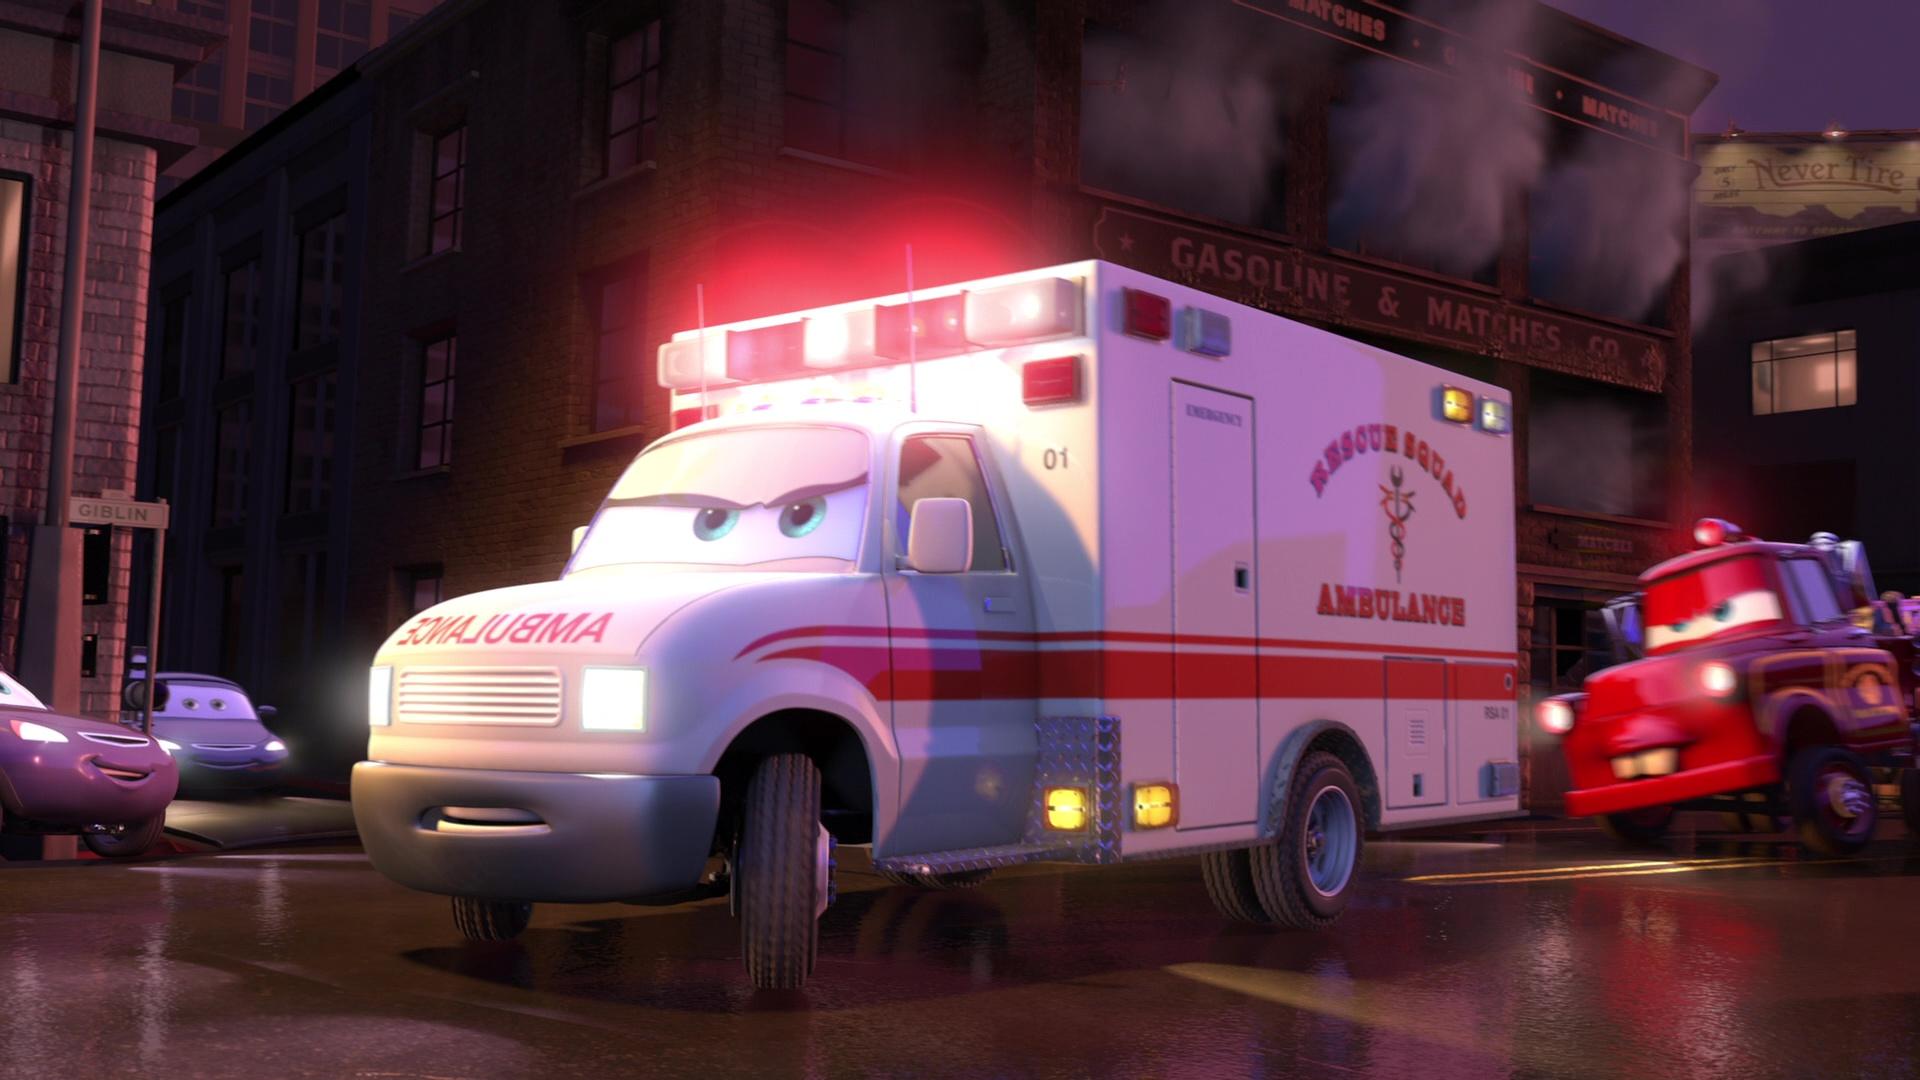 Fr ambulance personnage dans cars toon martin la rescousse en rescue squad ambulance - Cars la coupe internationale de martin ...